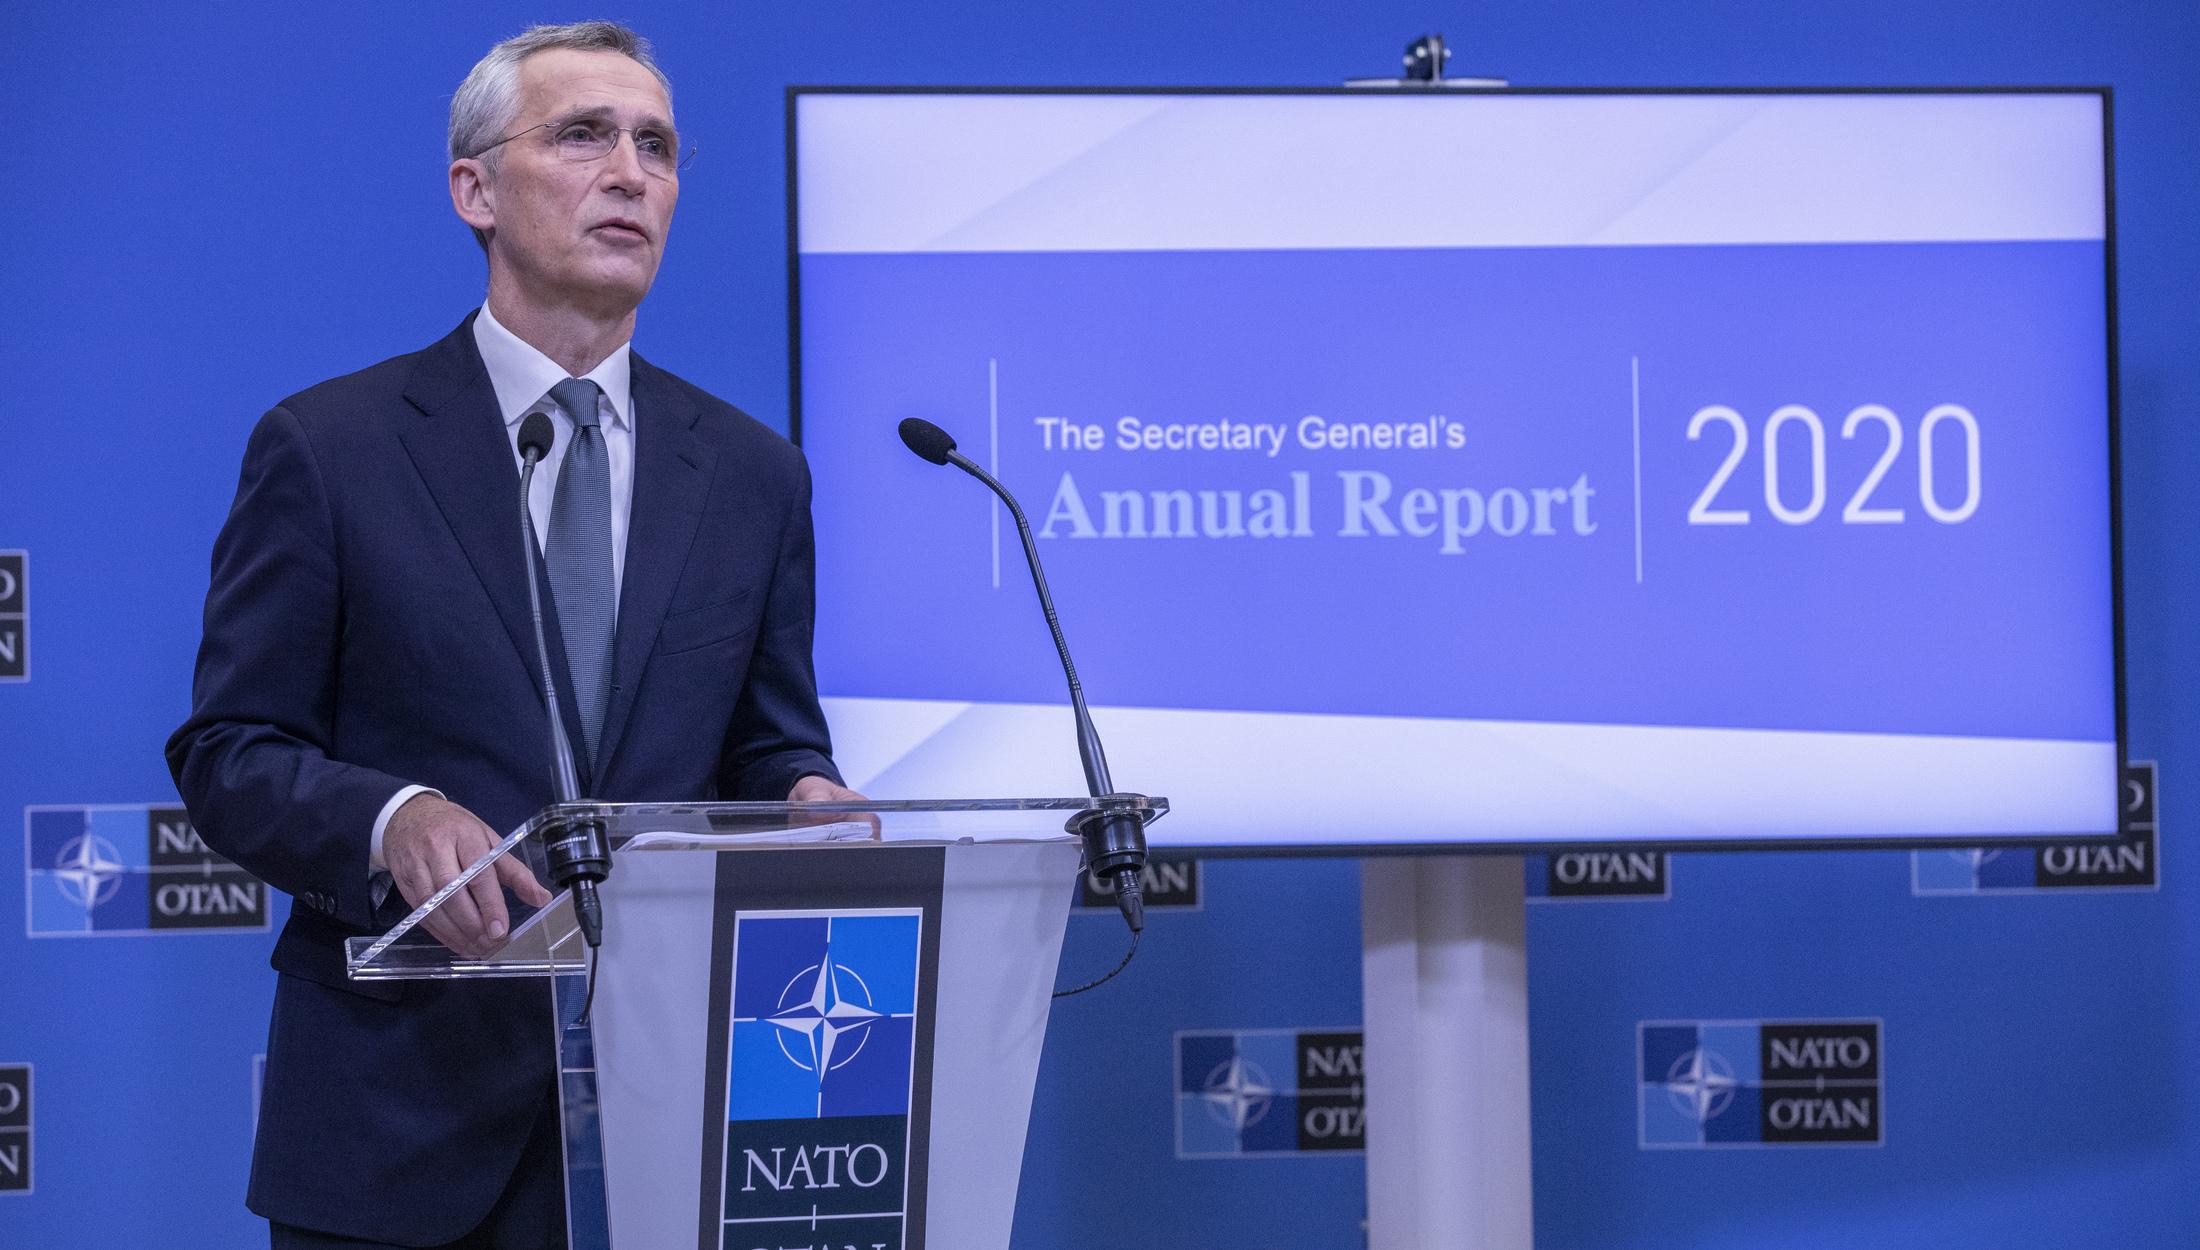 La NATO nell'anno della pandemia: il report del Segretario Generale - Geopolitica.info